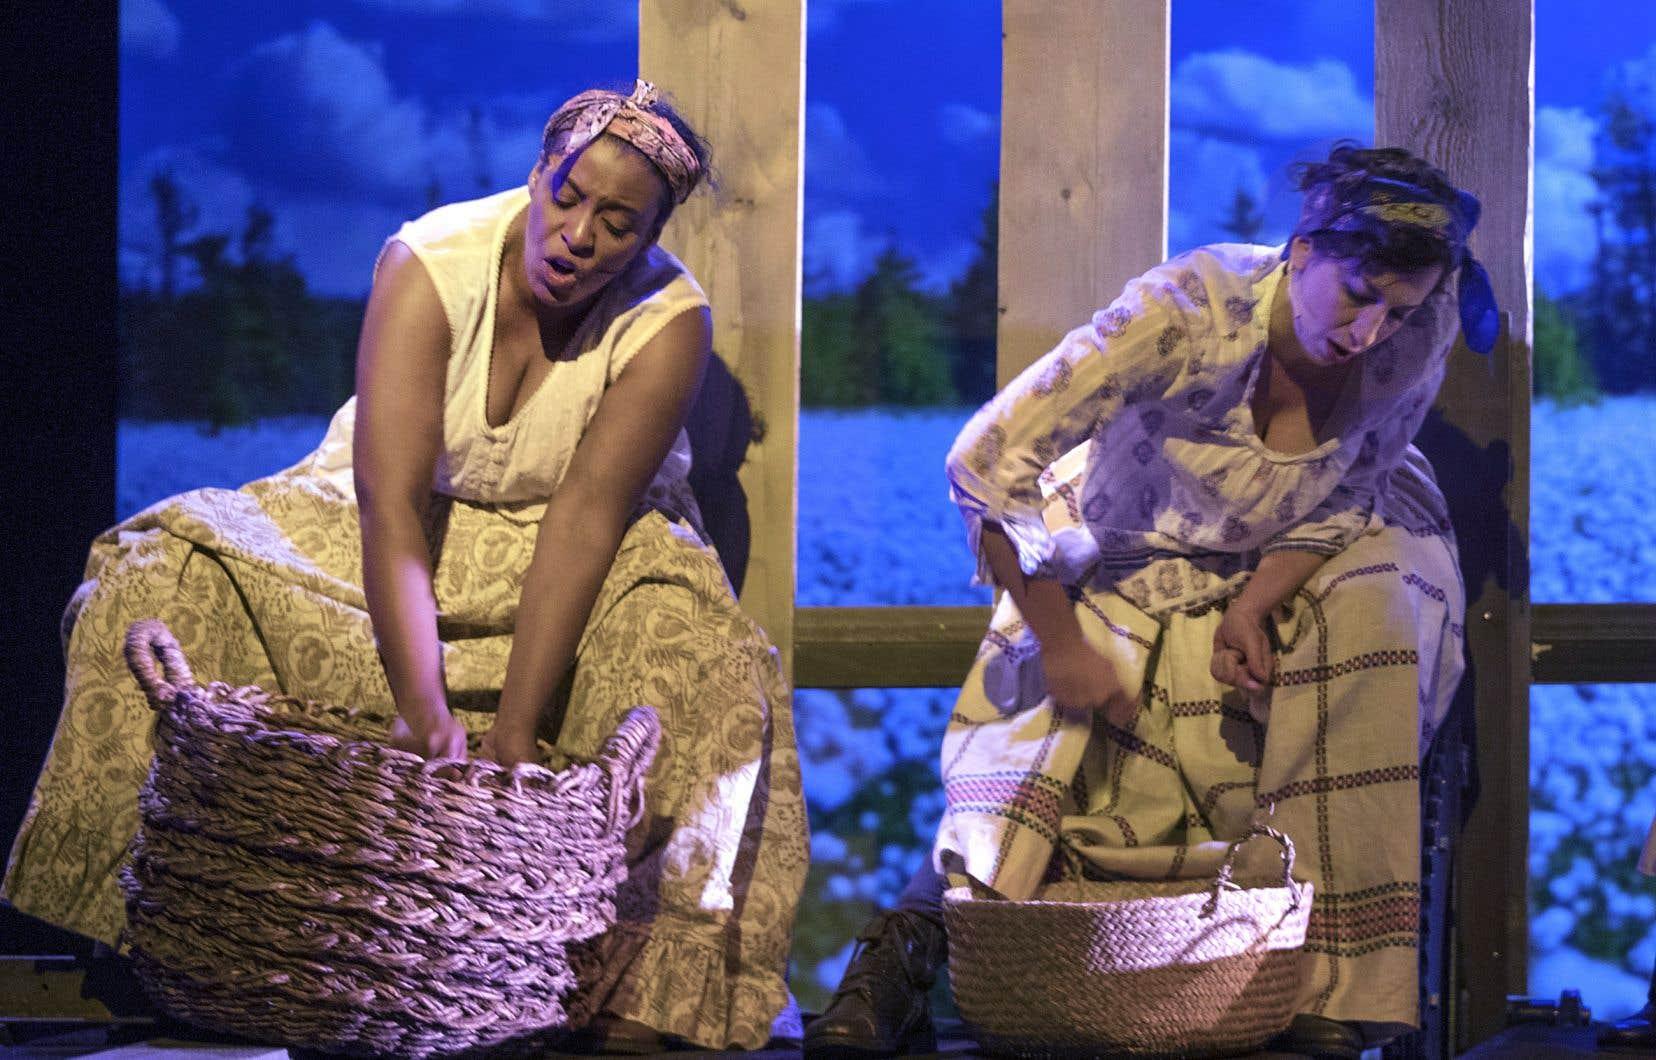 Le spectacle «SLAV» proposait une revue théâtrale basée sur les chants traditionnels afro-américains recueillis par John et Alan Lomax dans les années 1930.